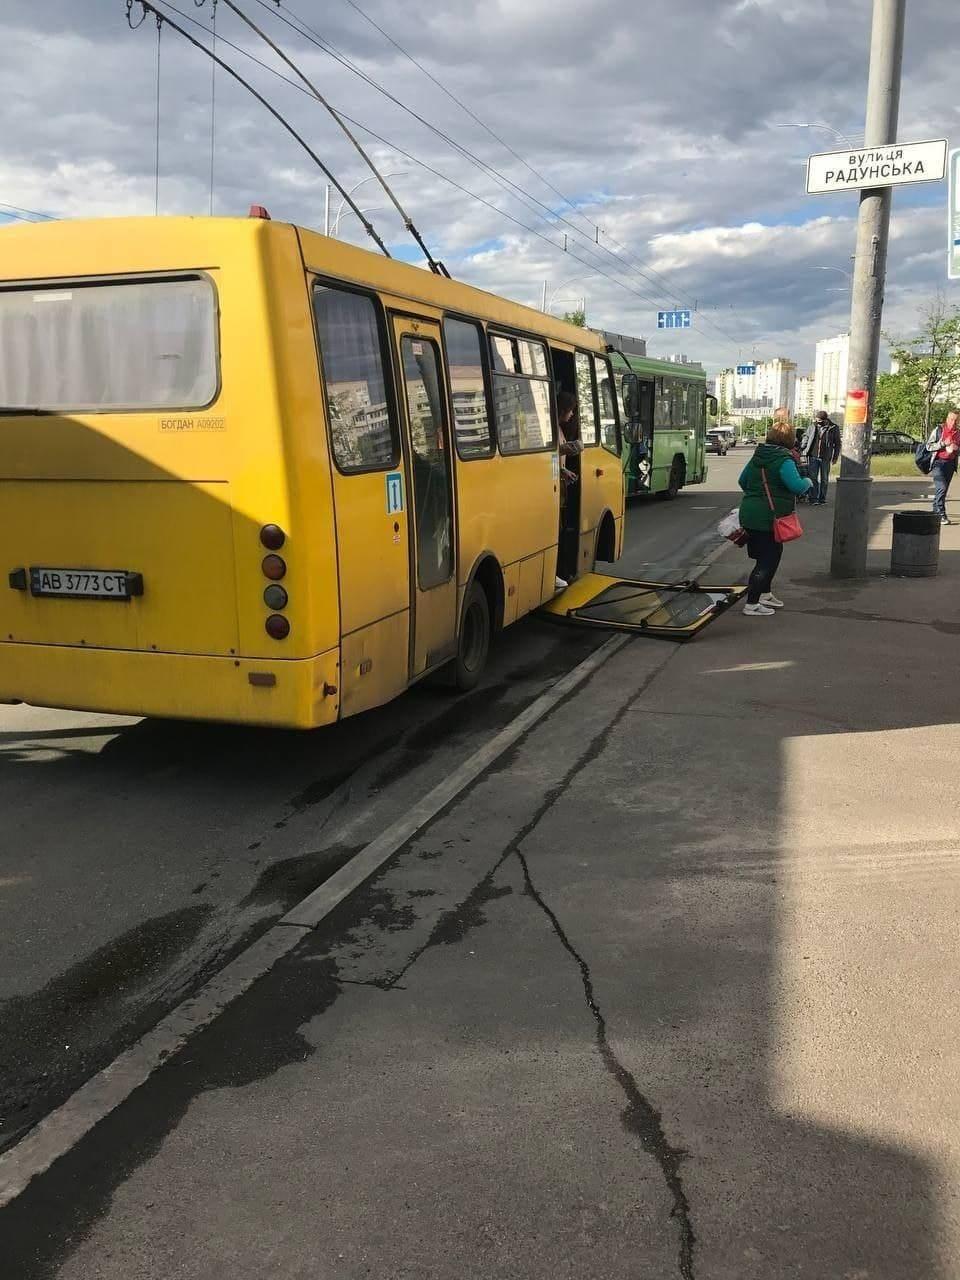 Маршрутка залишилася без дверей / Типовий Київ